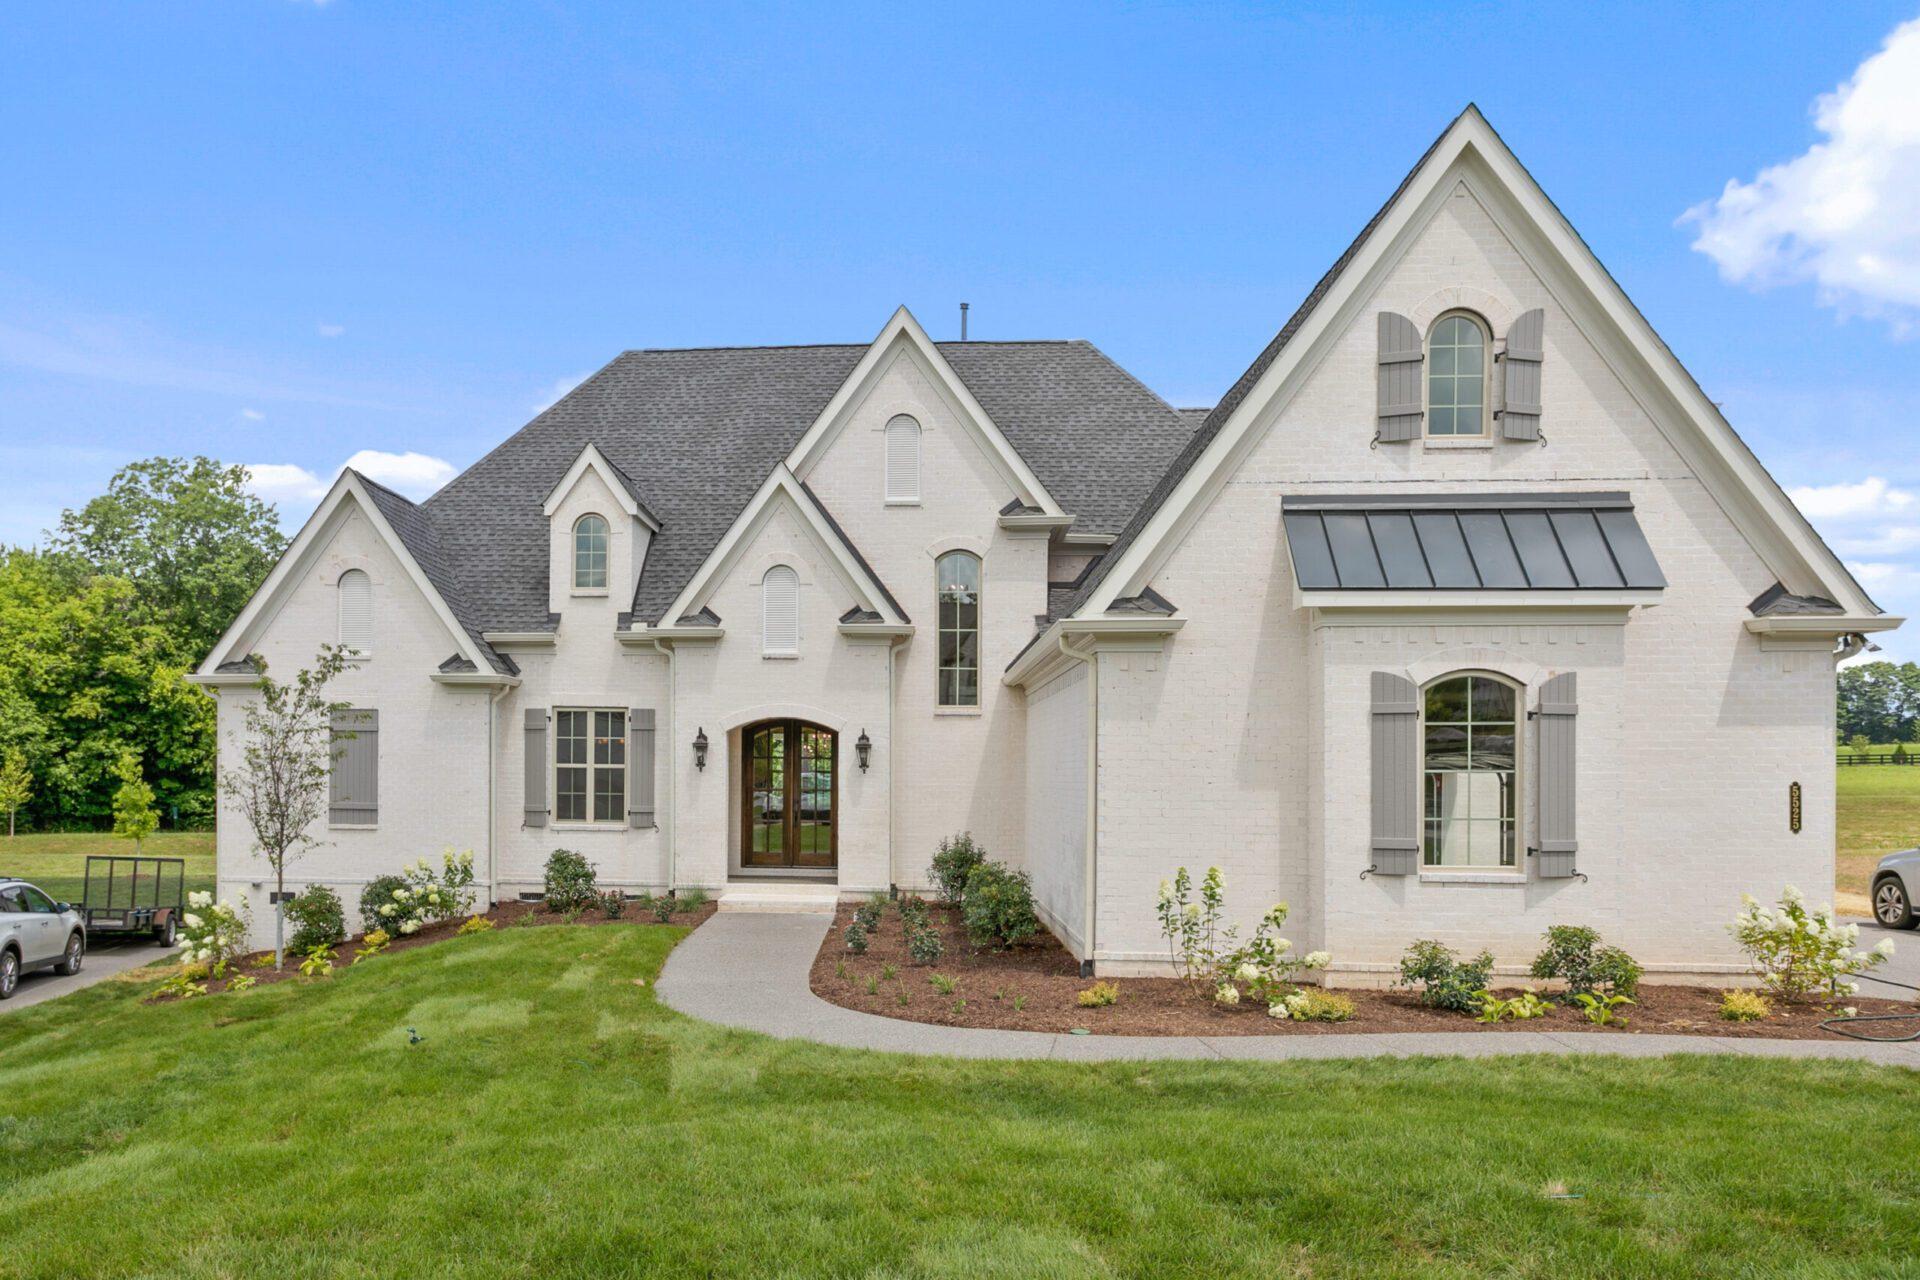 Luxury Homes - Premier Builder | Nashville, TN